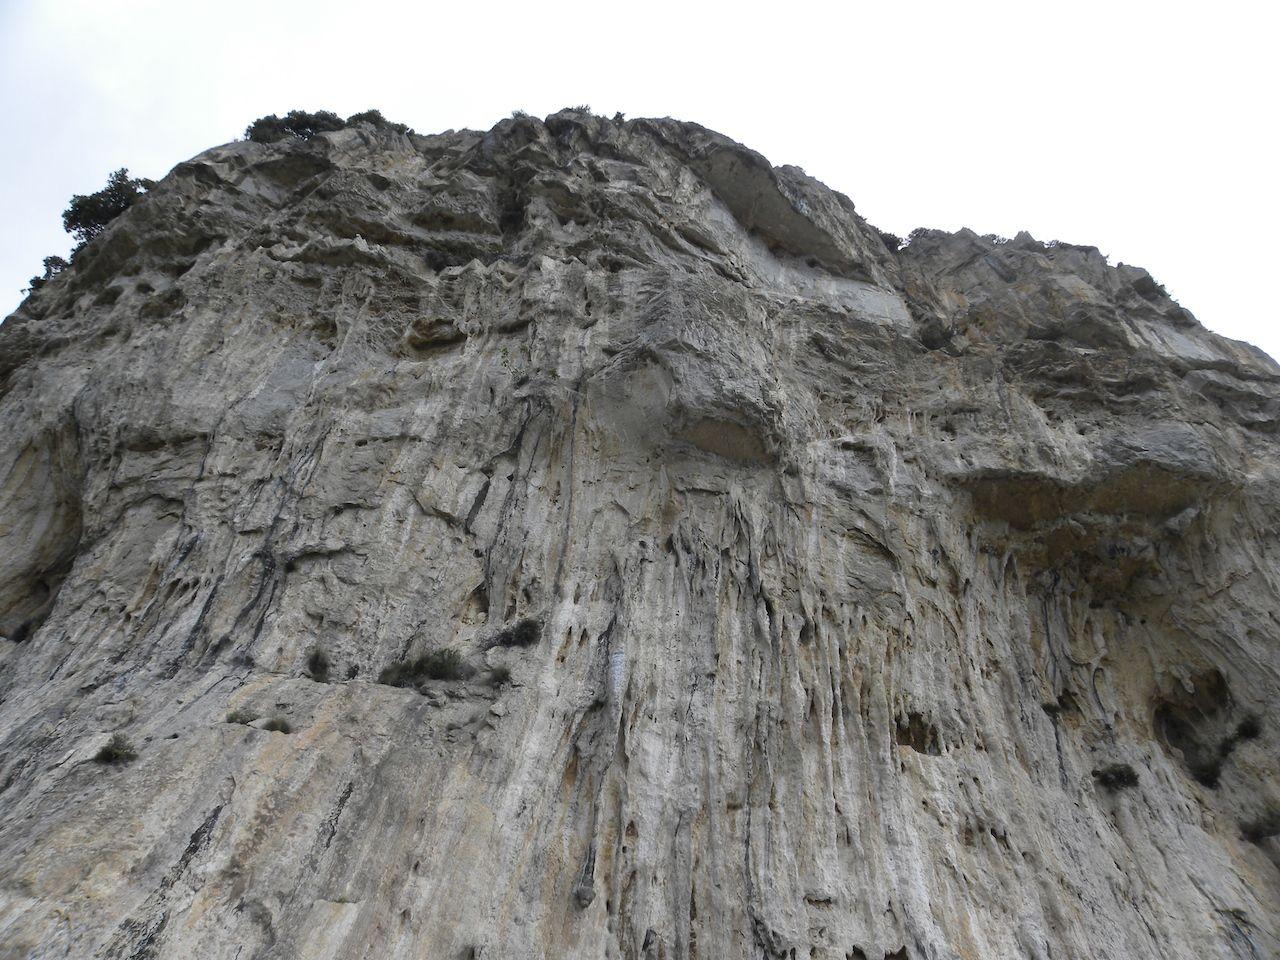 and finally Amalfi